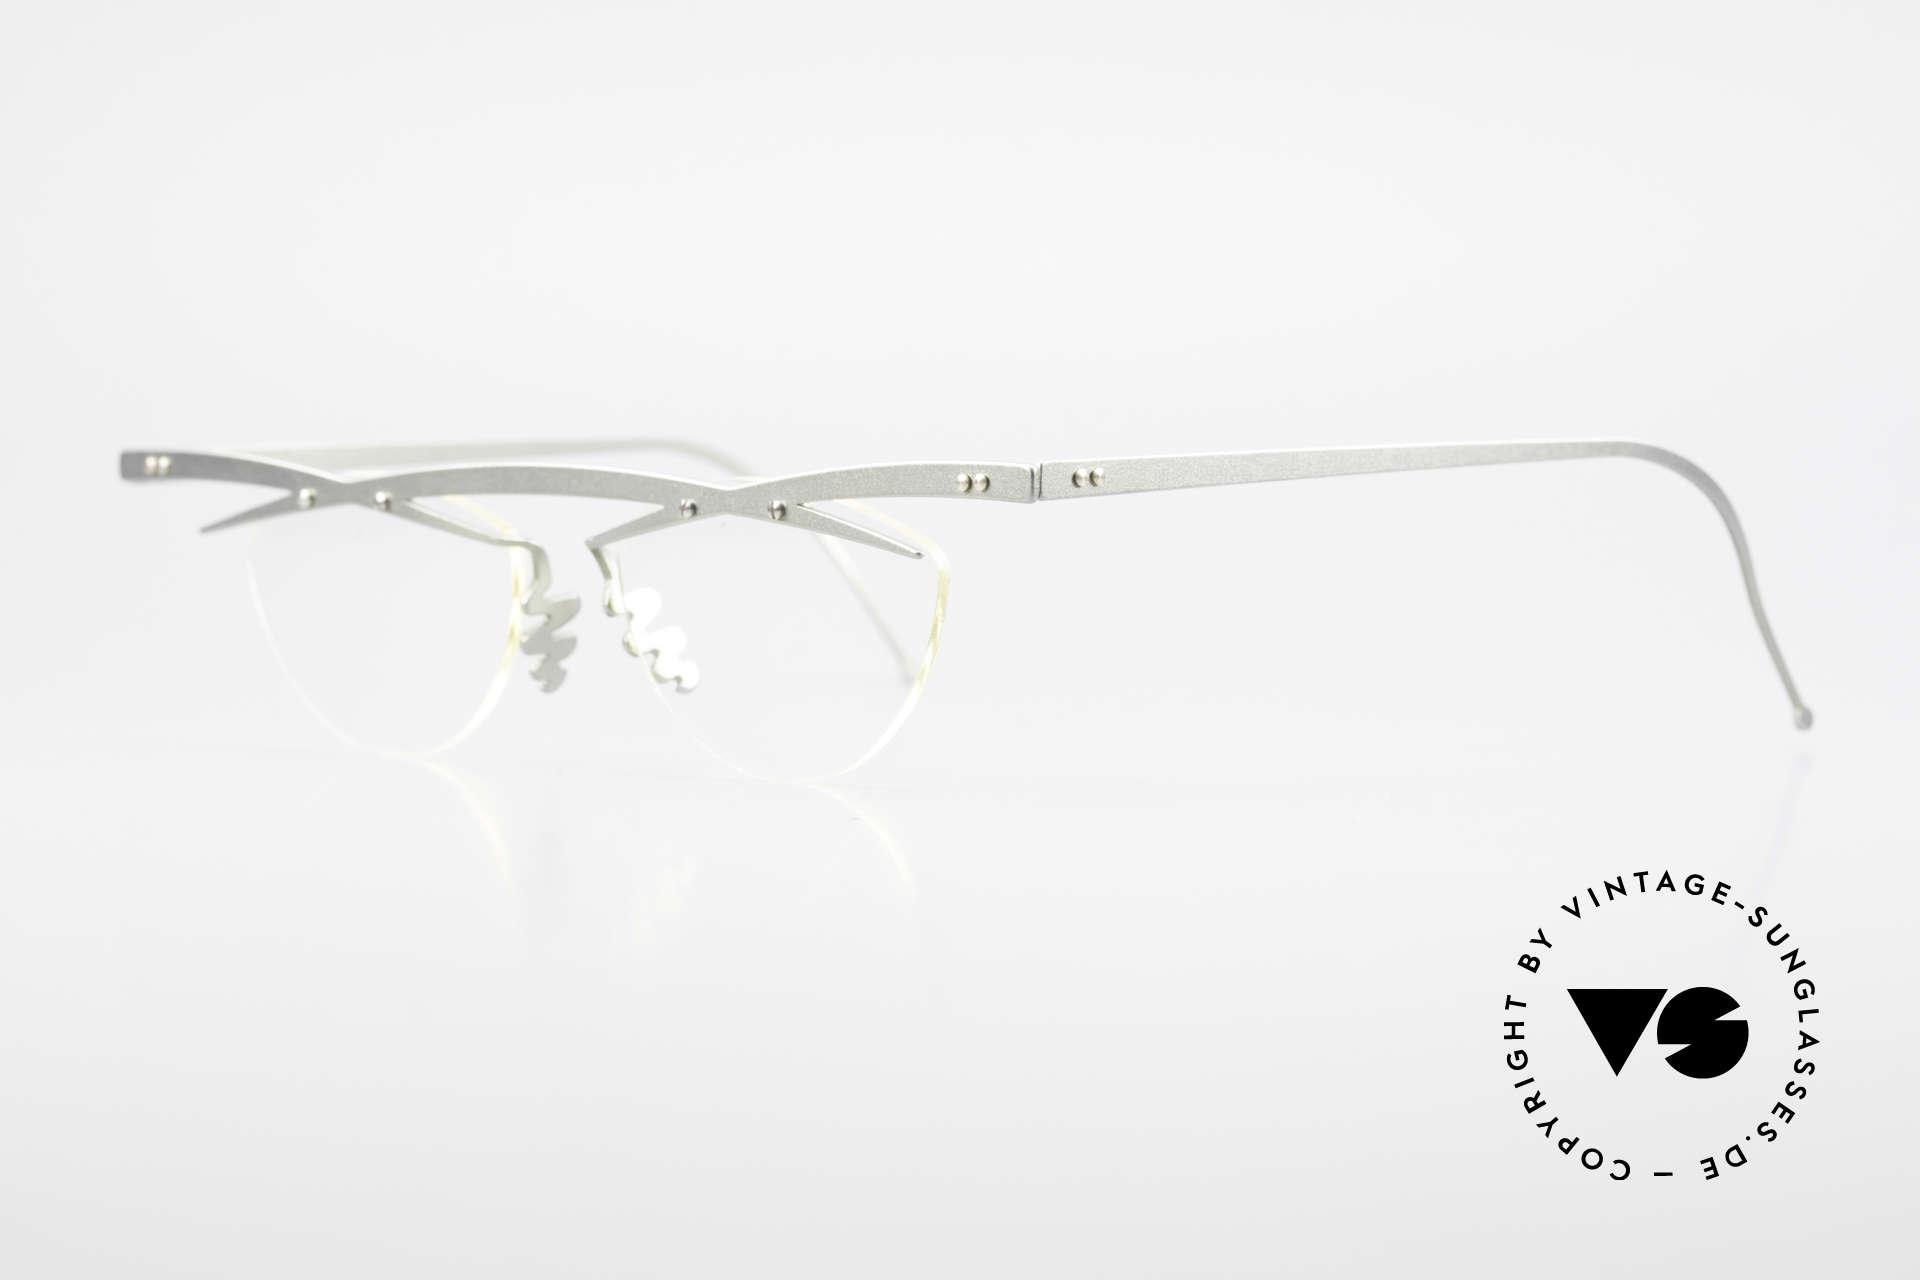 Theo Belgium Tita III 7 Crazy XL Vintage Brille 90er, TITA-Serie = XL Titanium Modelle von THEO der 1990er, Passend für Herren und Damen